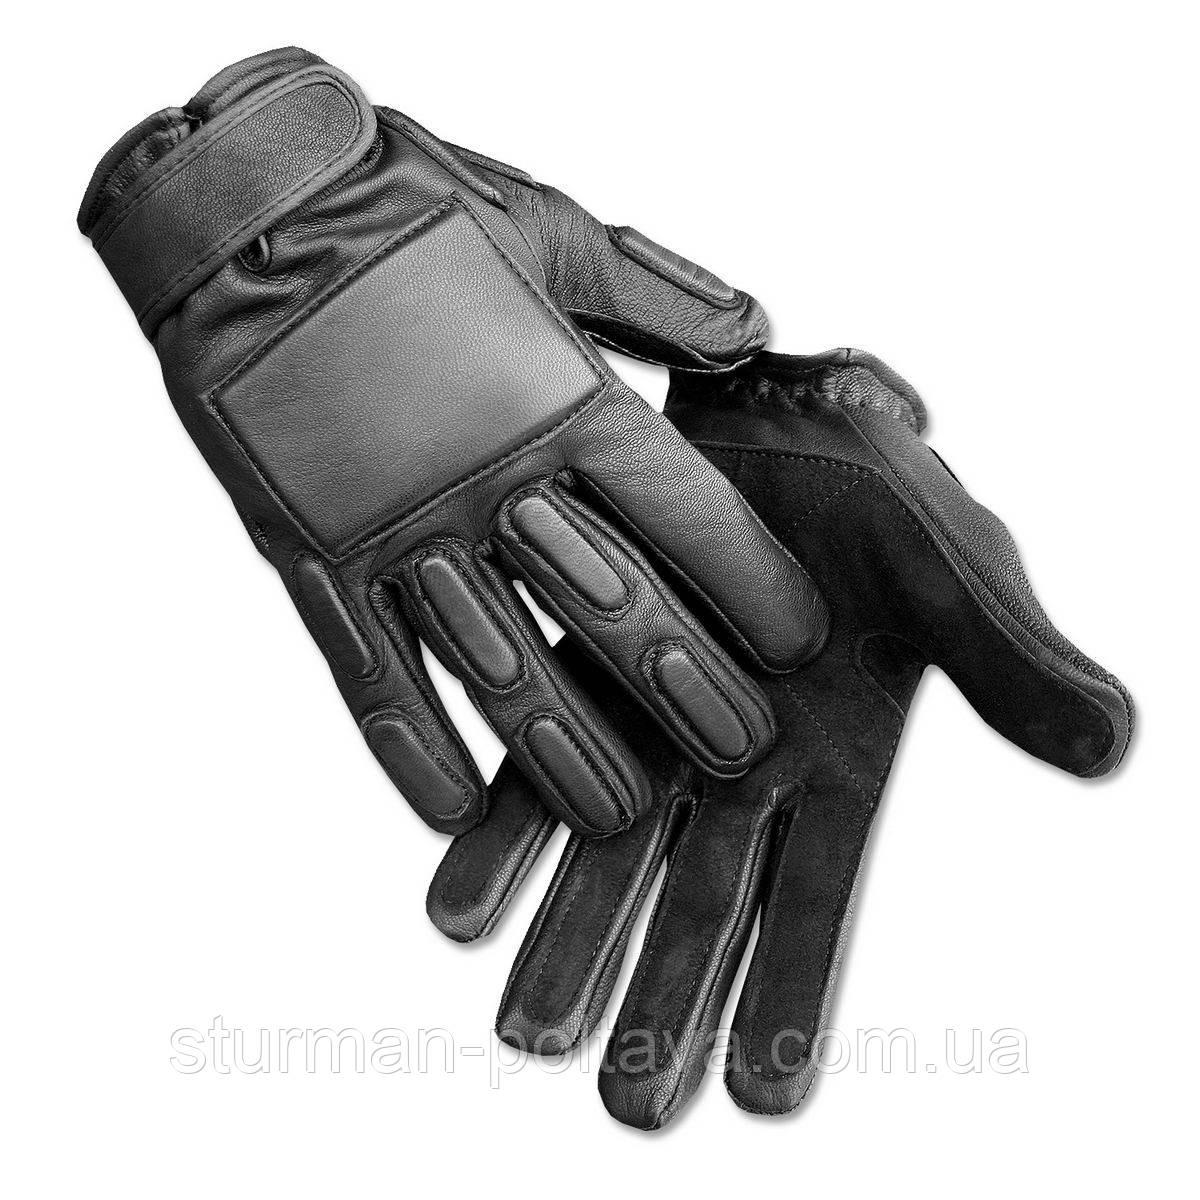 Перчатки армейские Mil-Tec   кожаные со ставками Германия